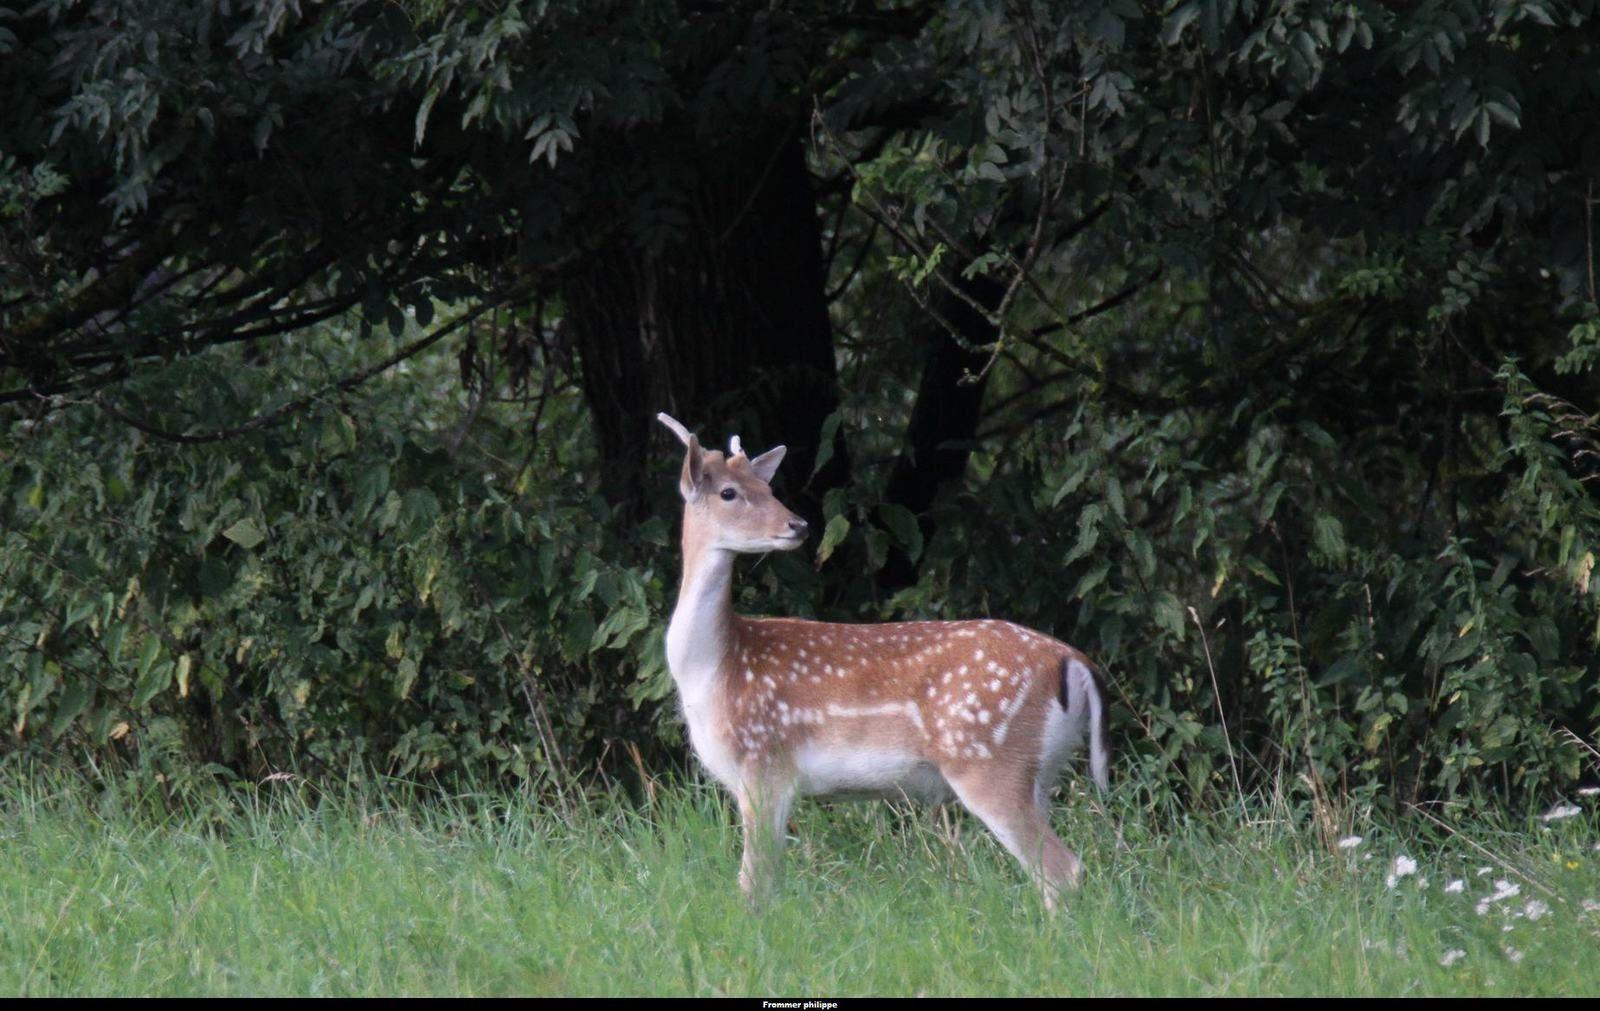 La réserve naturelle de l'Illwald à Sélestat on l'aime pour pour ça